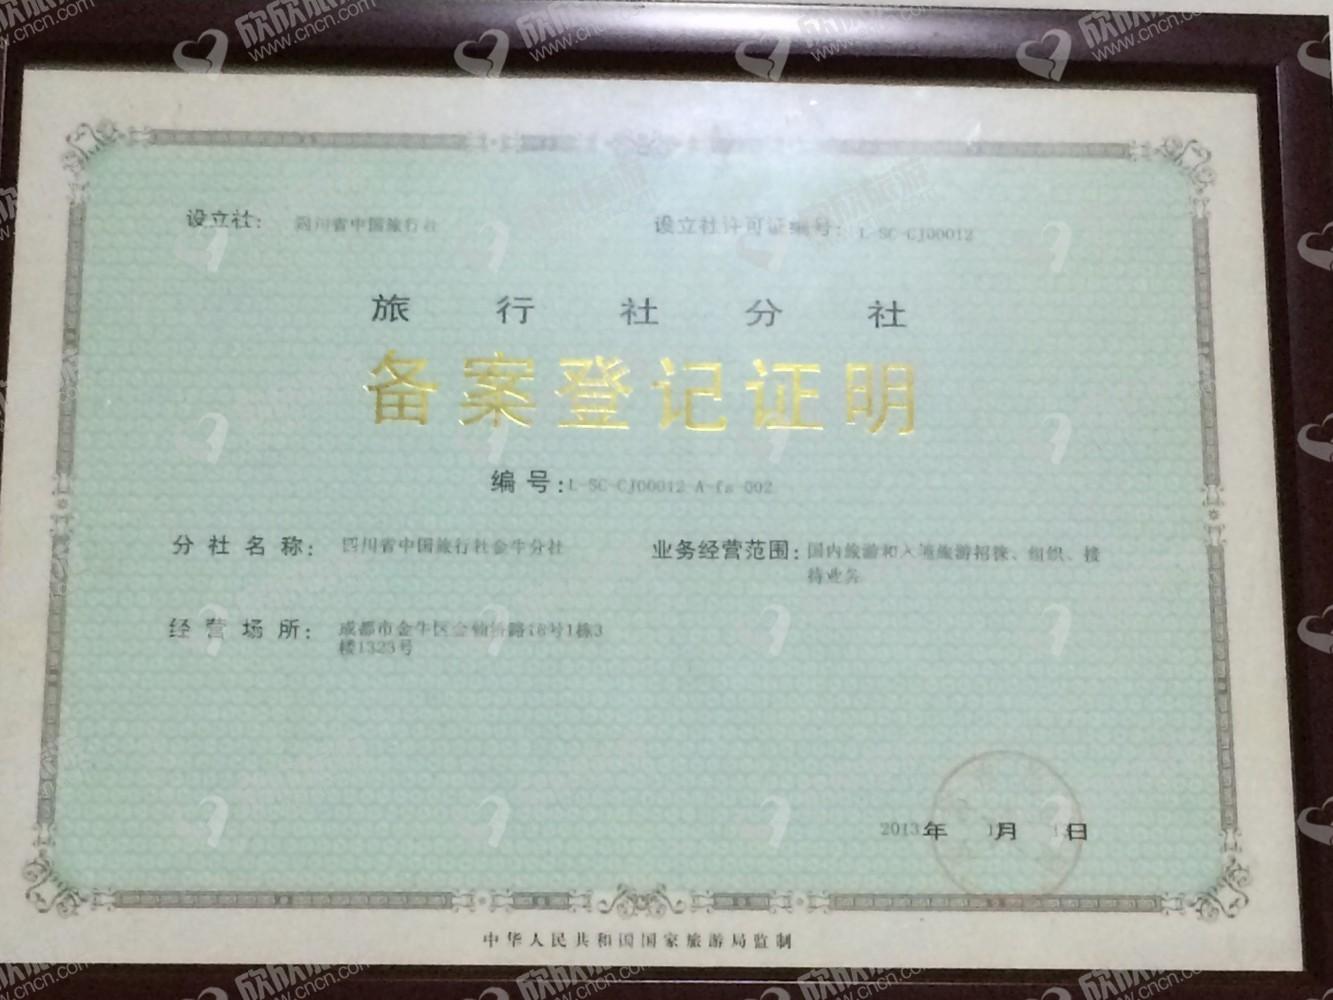 四川省中国旅行社金牛分社经营许可证